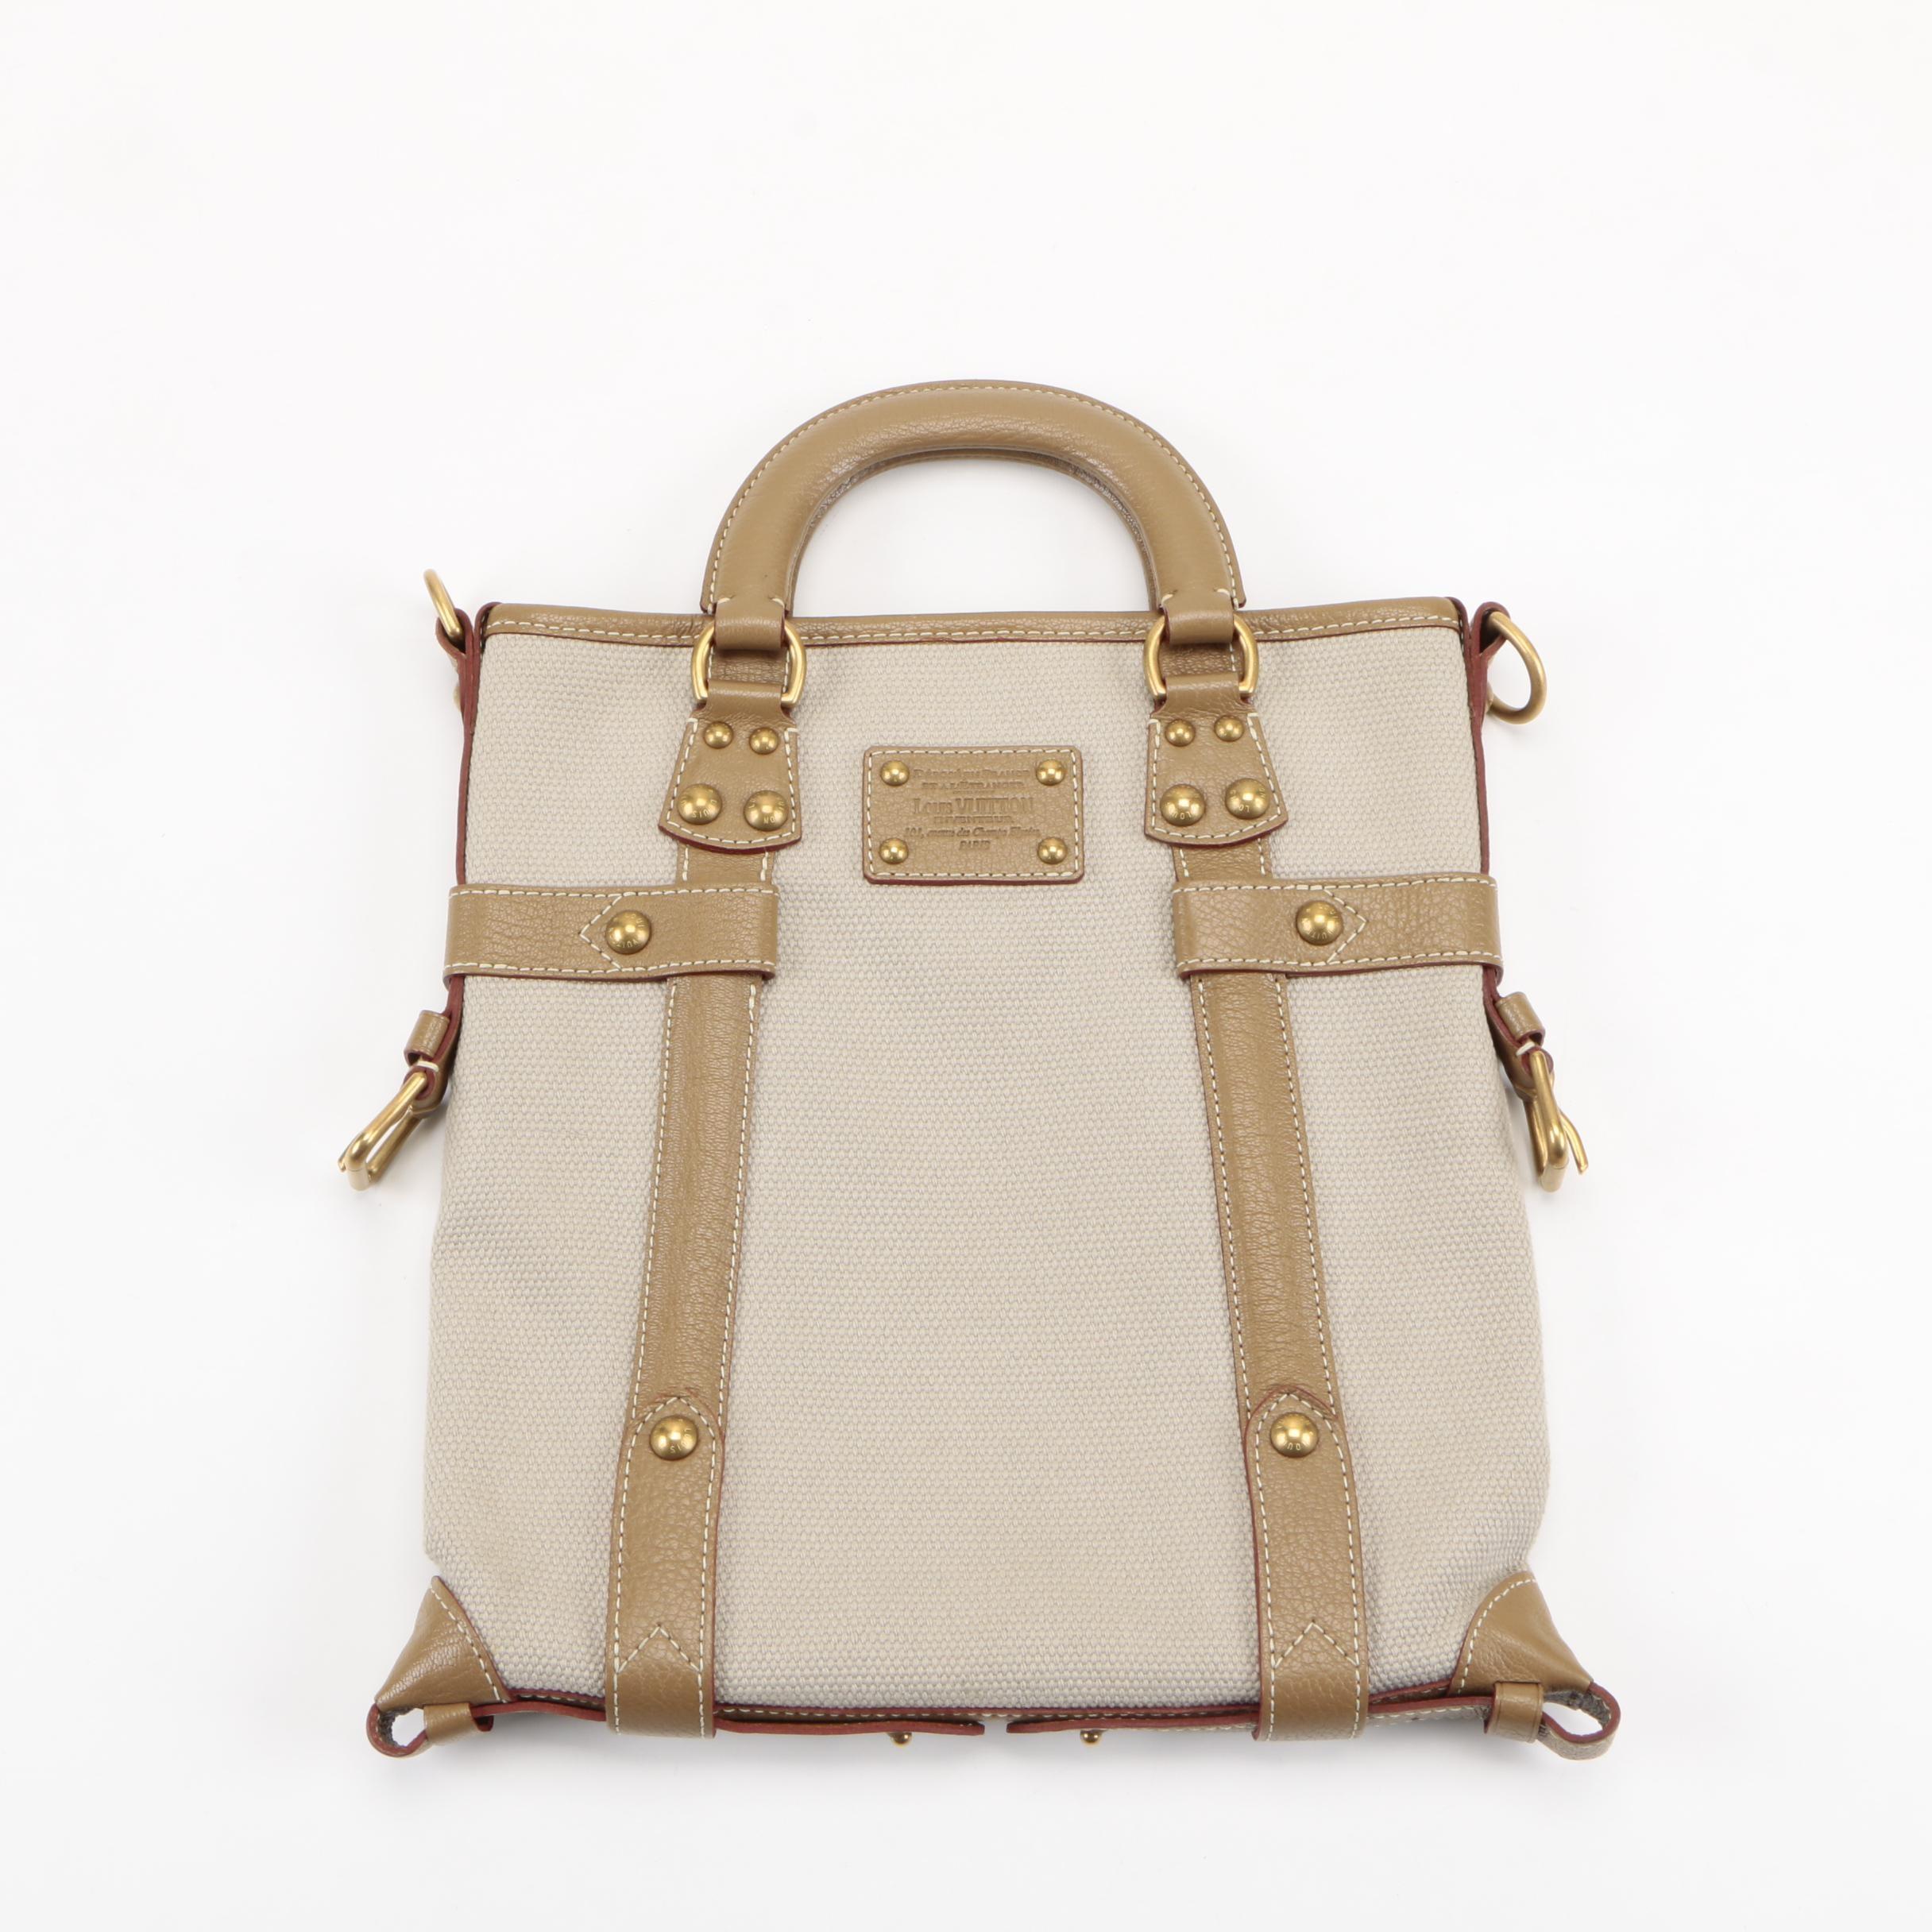 Louis Vuitton Leather Trimmed Canvas Handbag